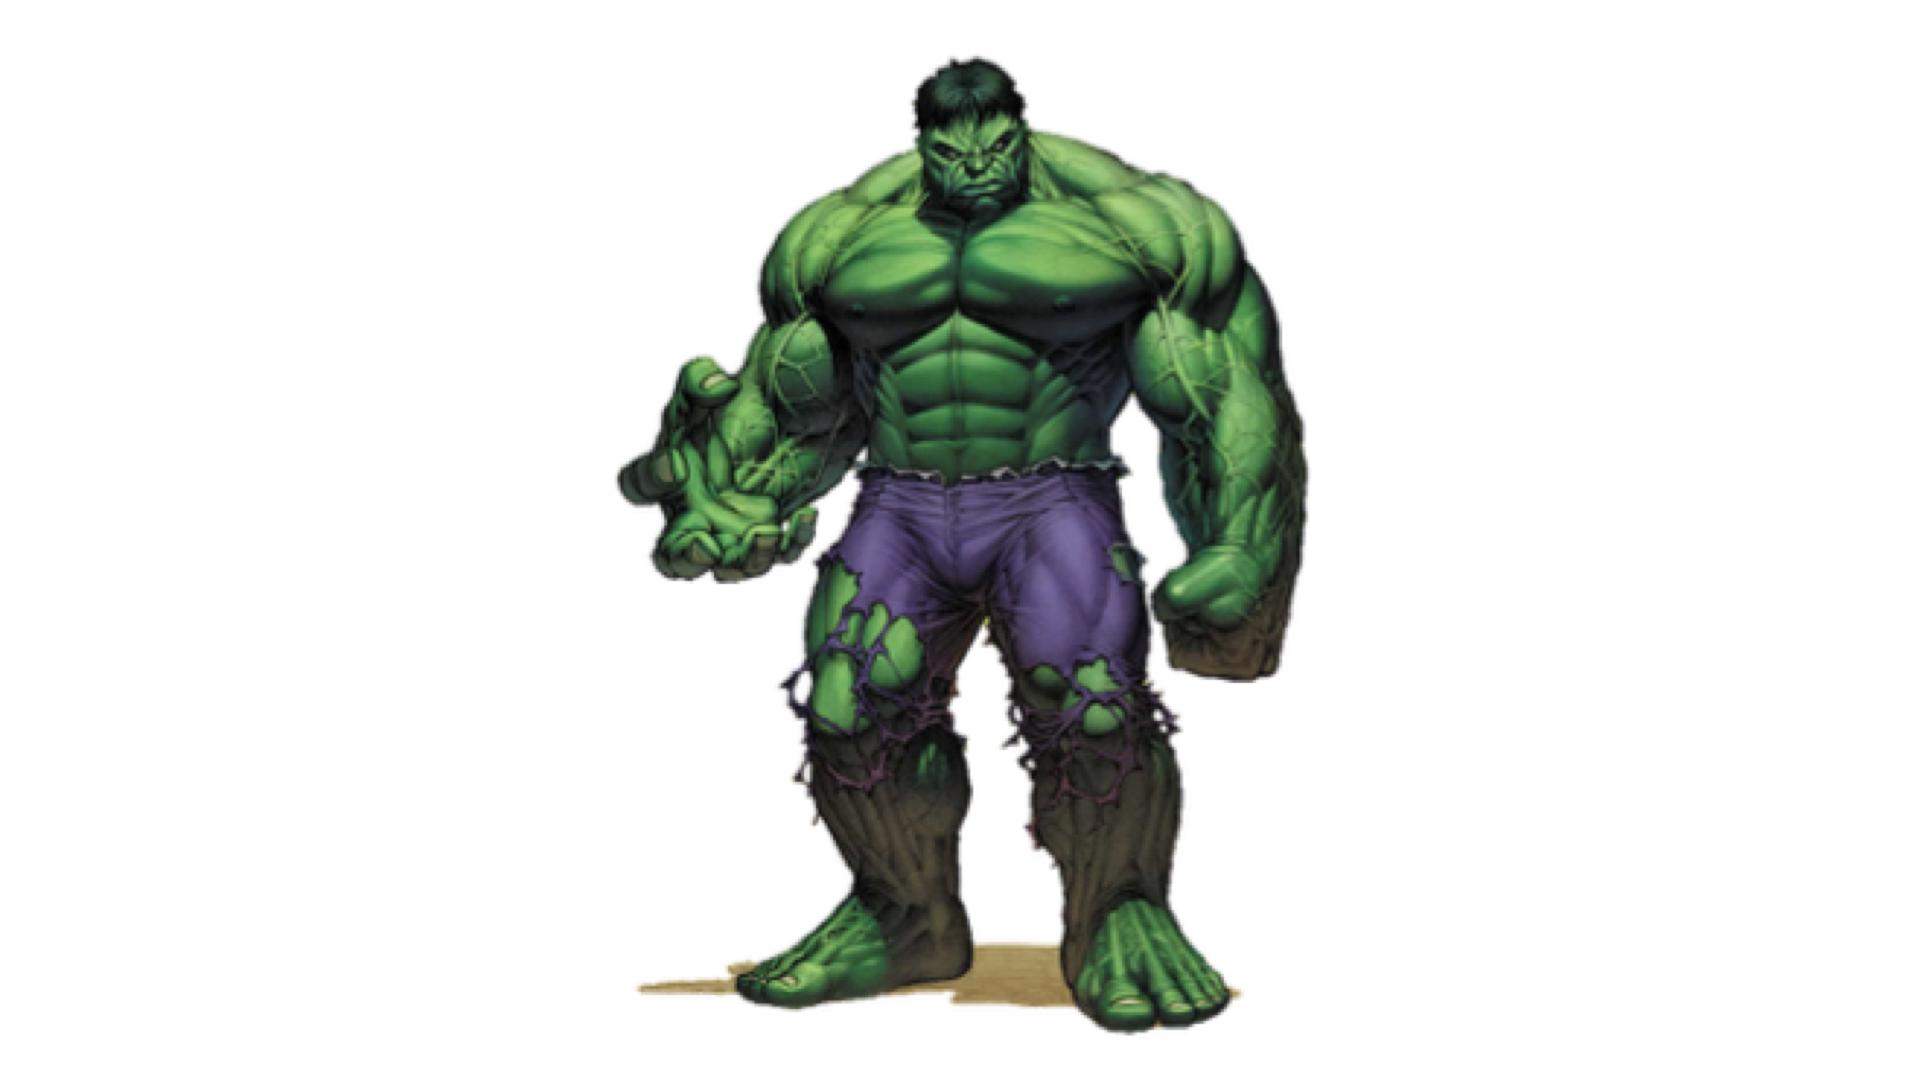 Verdi di rabbia